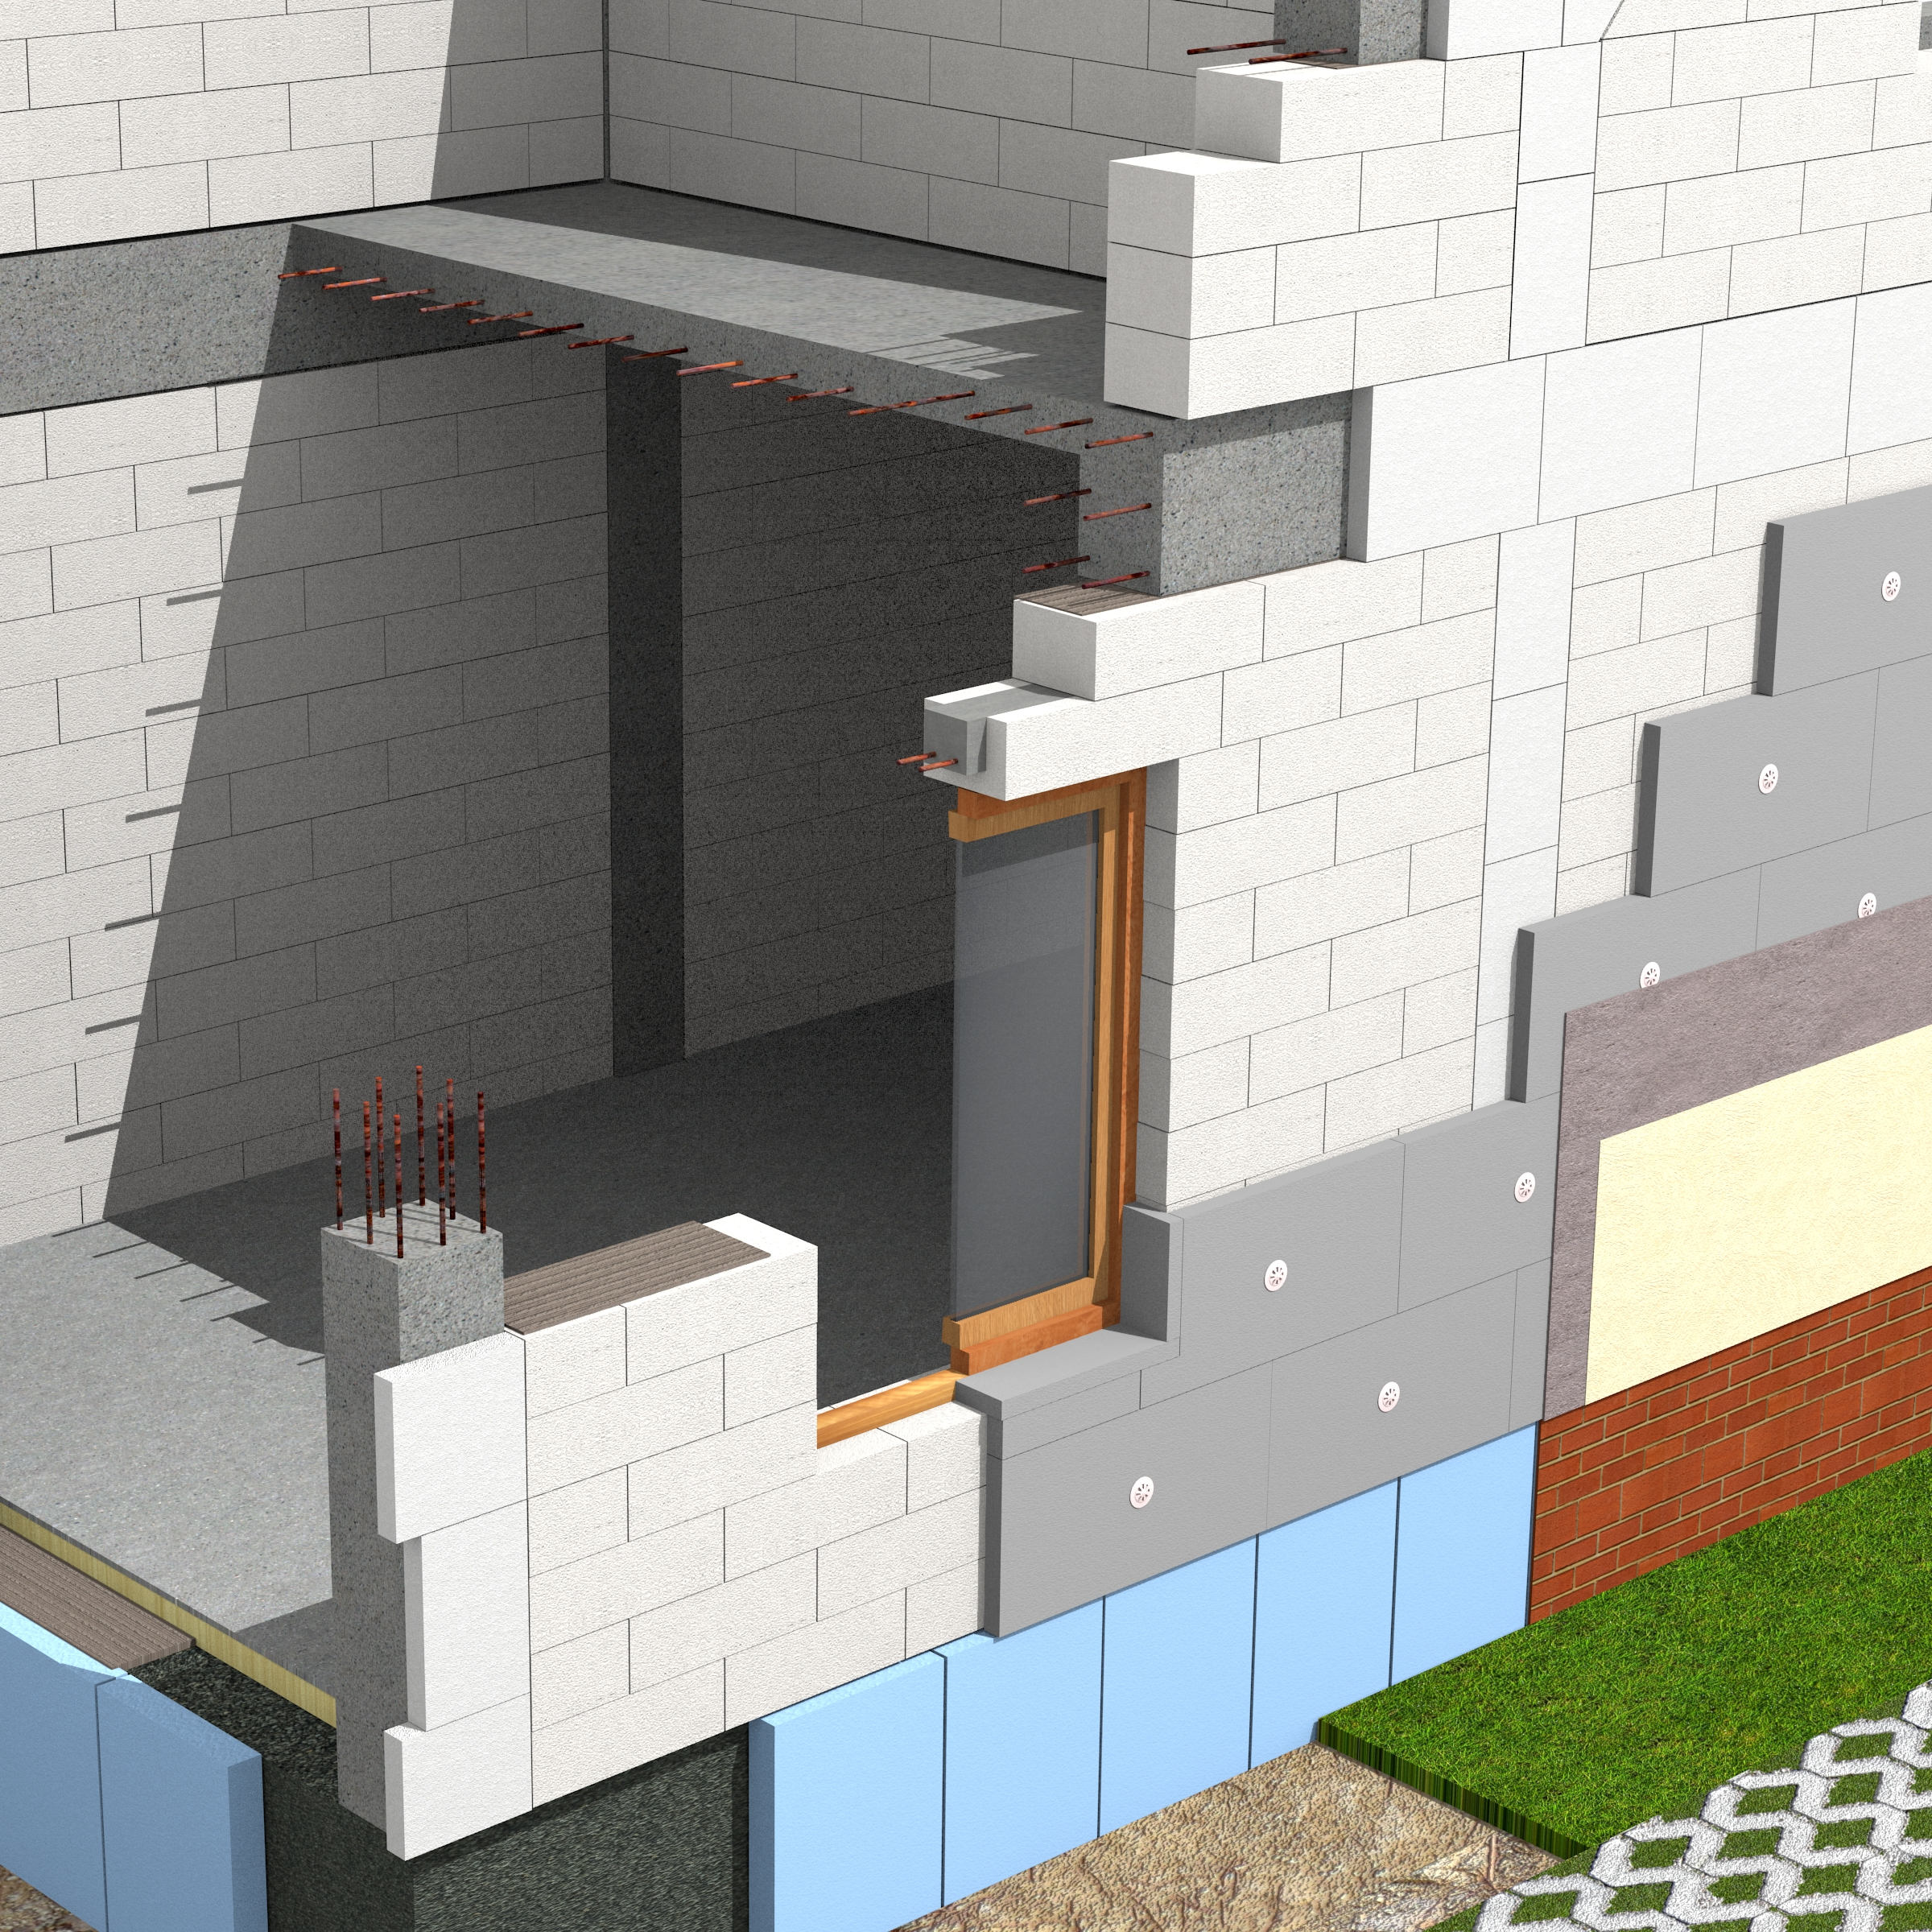 Blocuri BCA MACON 2,5 cu latime de 30cm si polistiren expandat de 10cm in sistem de zidarie multistrat pentru inchiderea la exterior a unei structuri in cadre din beton armat. - Sistem de zidarie confinata din BCA Macon pentru constructii rezidentiale, publice si industriale